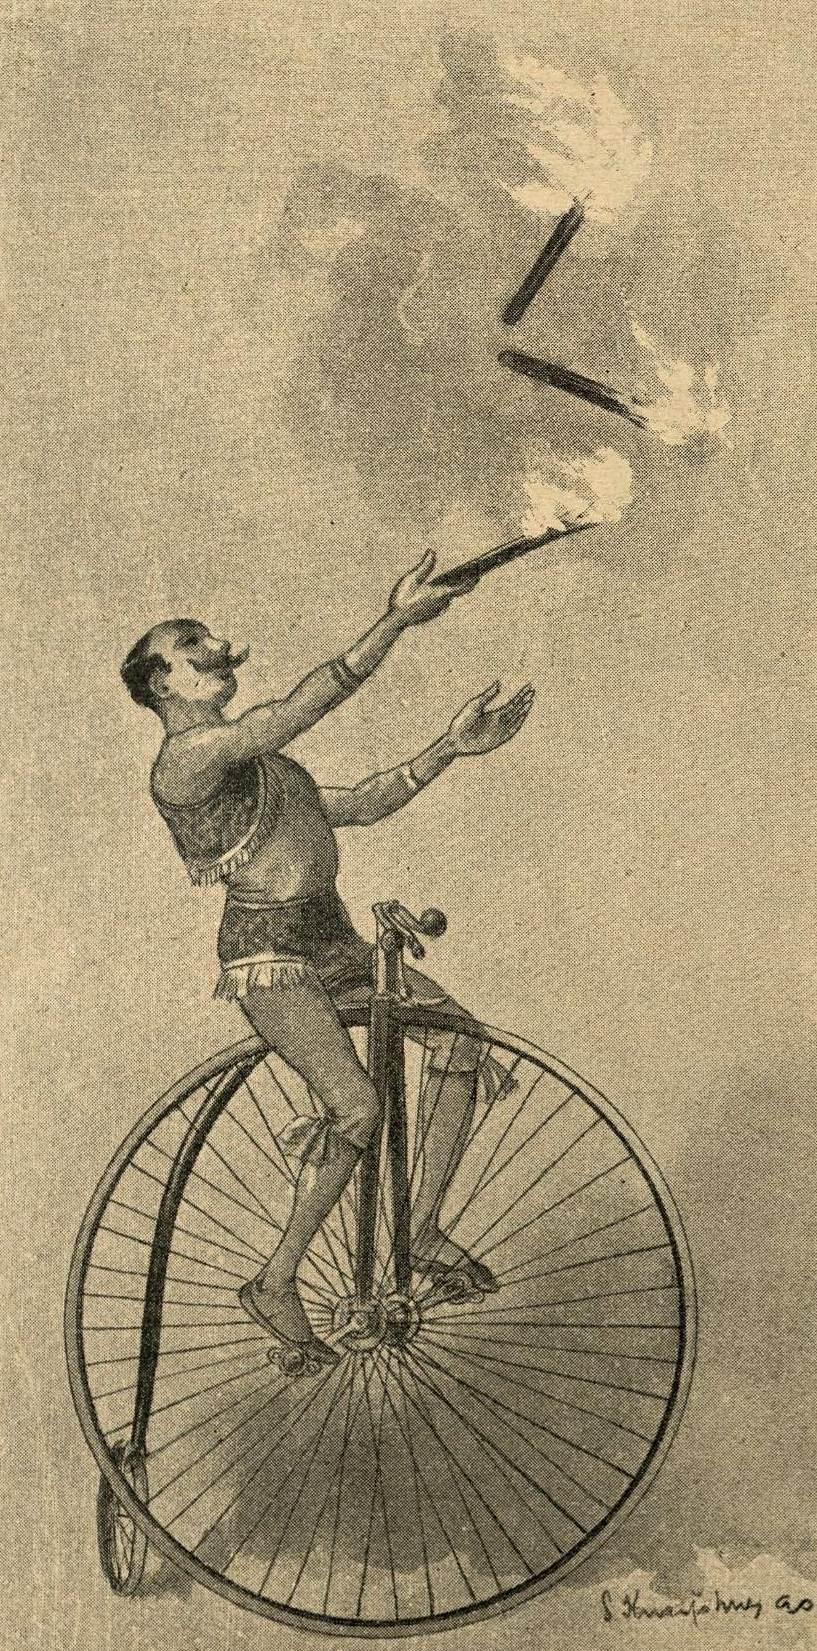 Jongleur auf dem Hochrad wirft mit Fackeln